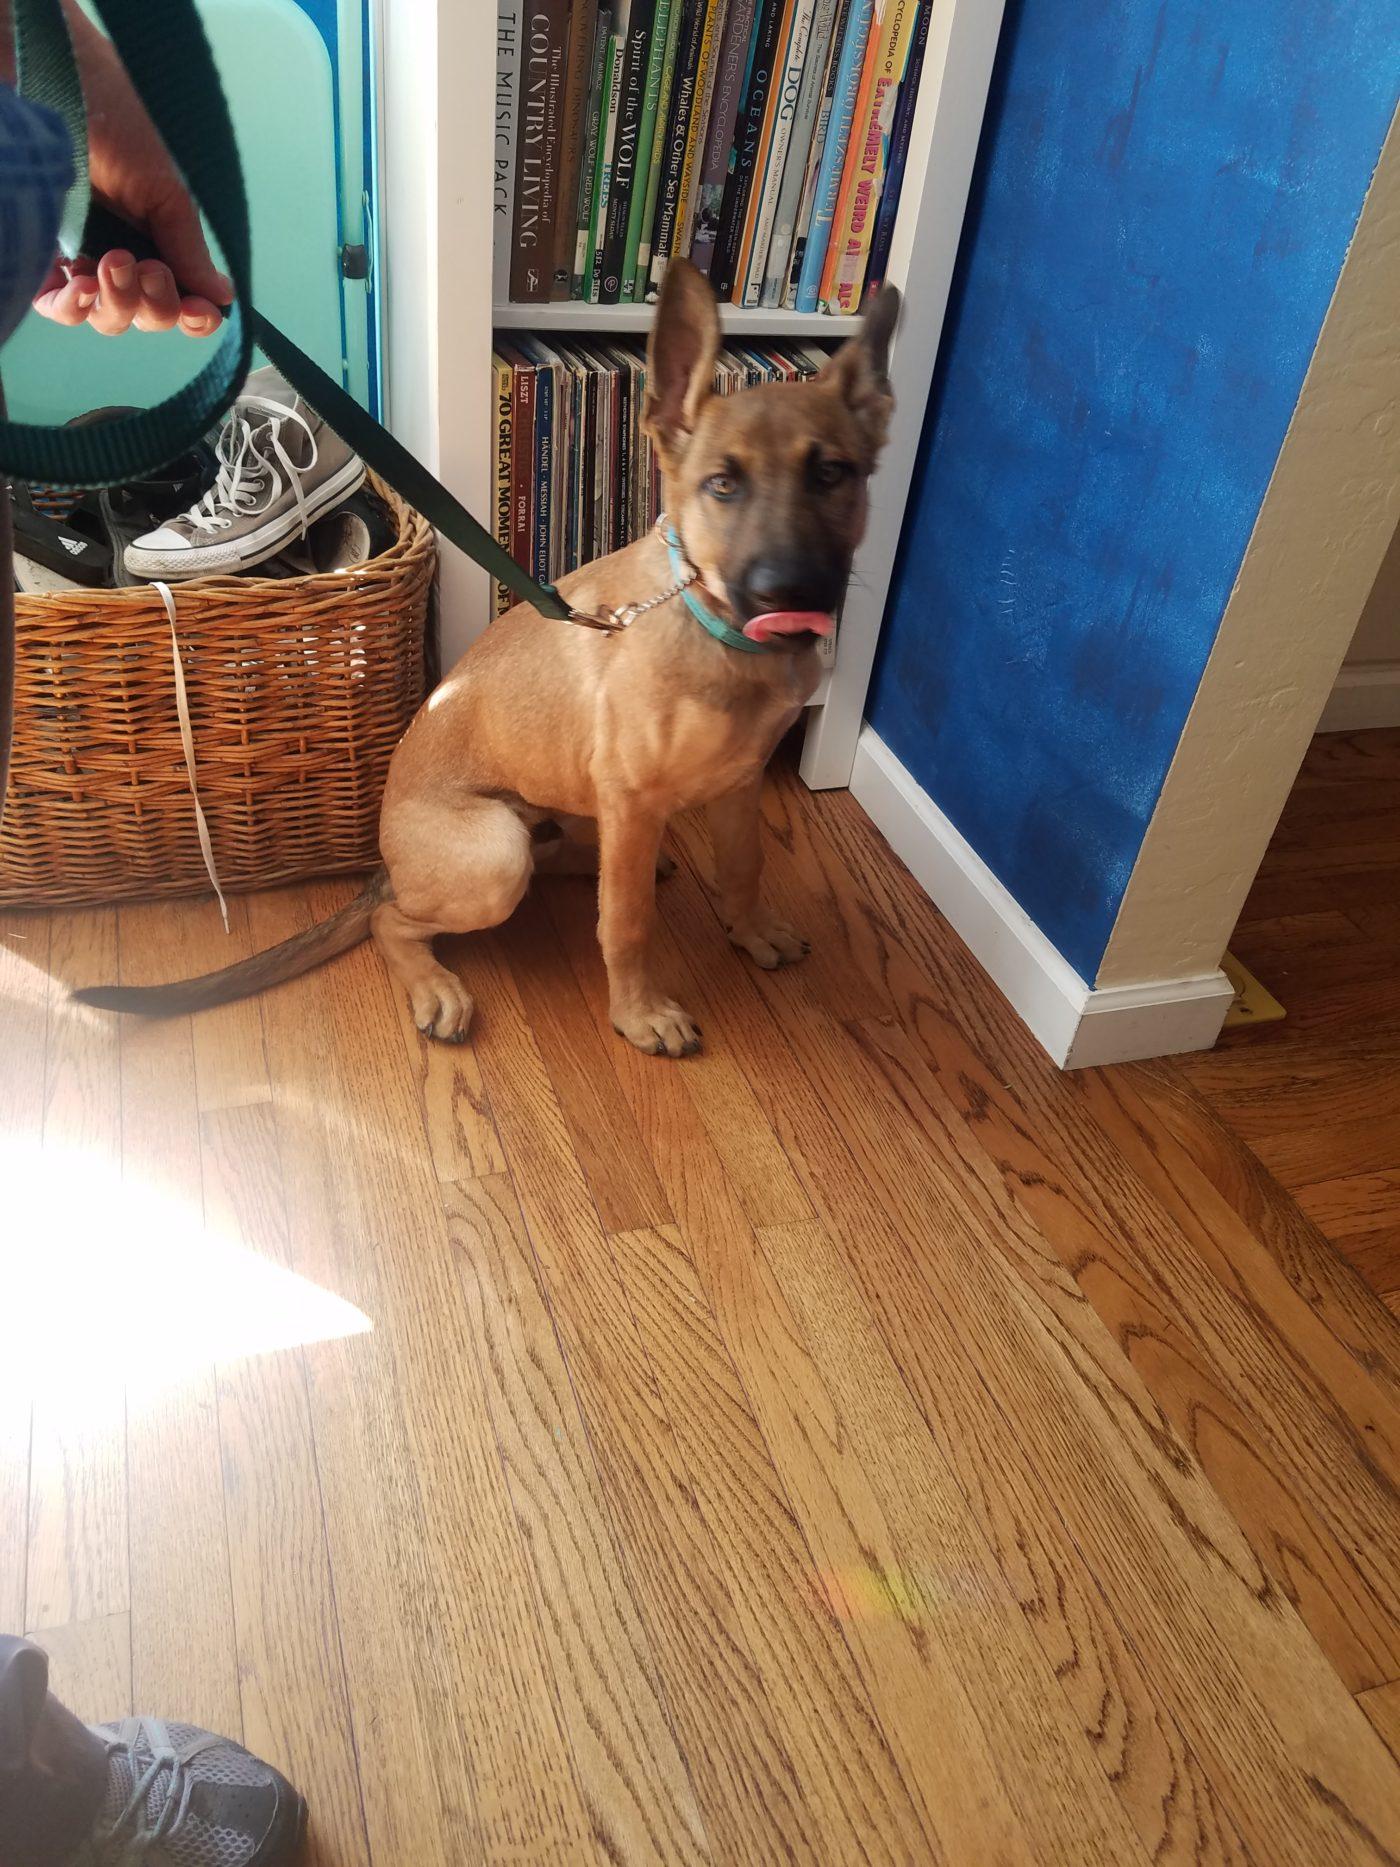 #terrierdogtraining #marindogtrainer #bestsanfranciscodogtraining